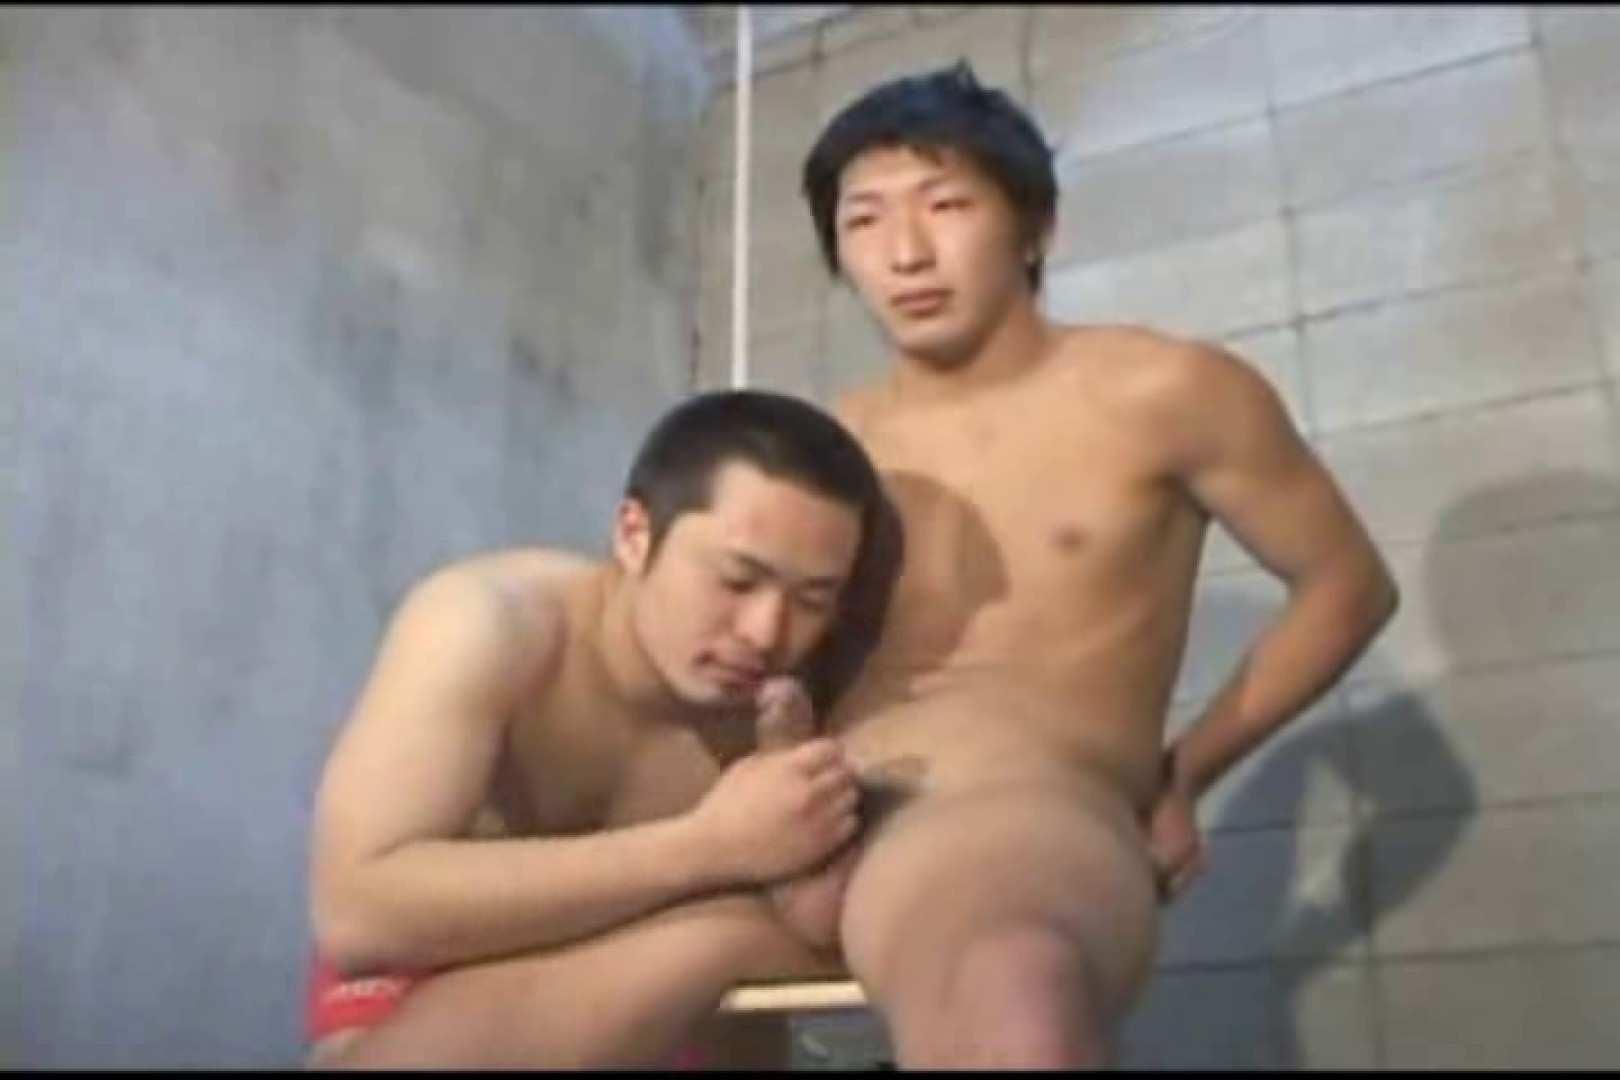 機械室で体育会系男子を手コキ&フェラ!! フェラ ゲイ素人エロ画像 68枚 43